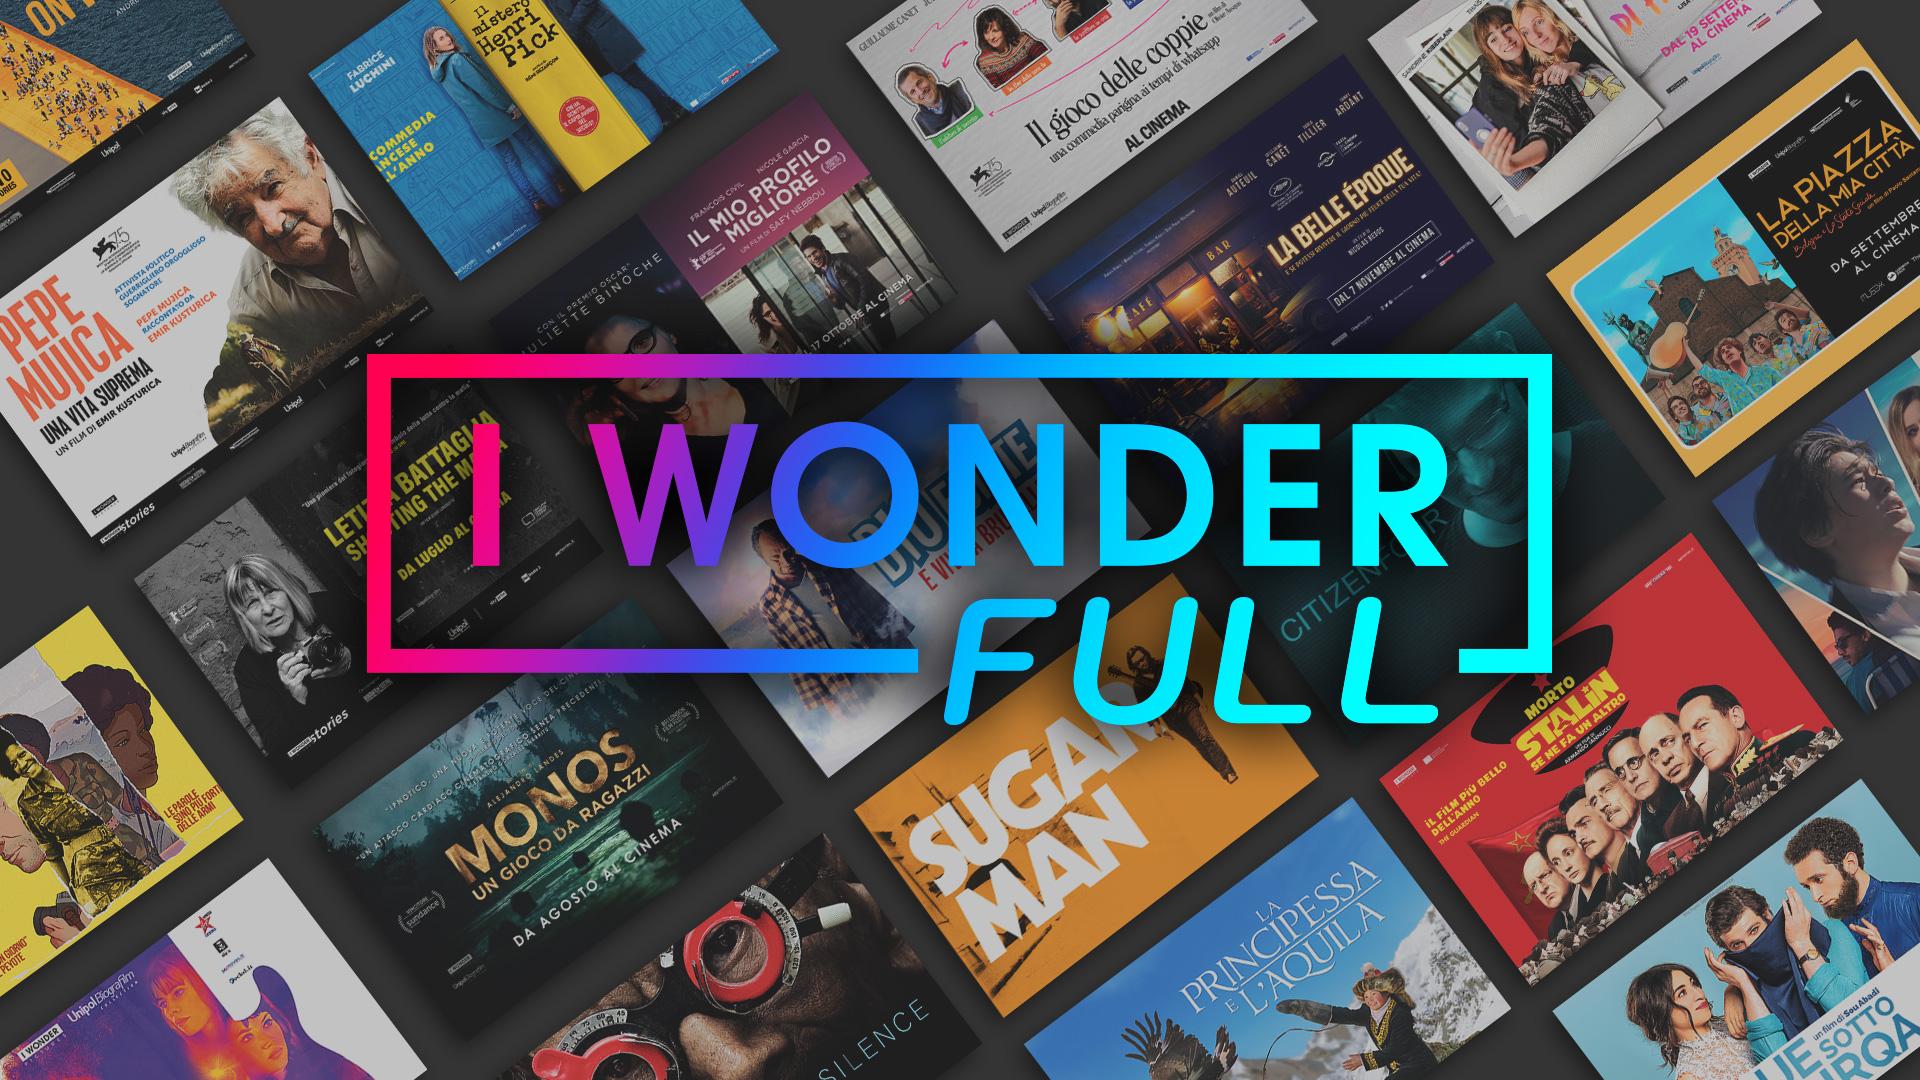 Settimana dal 14 gennaio all'insegna del cinema italiano su IWONDERFULL con tre autori celebrati nei maggiori festival internazionali.